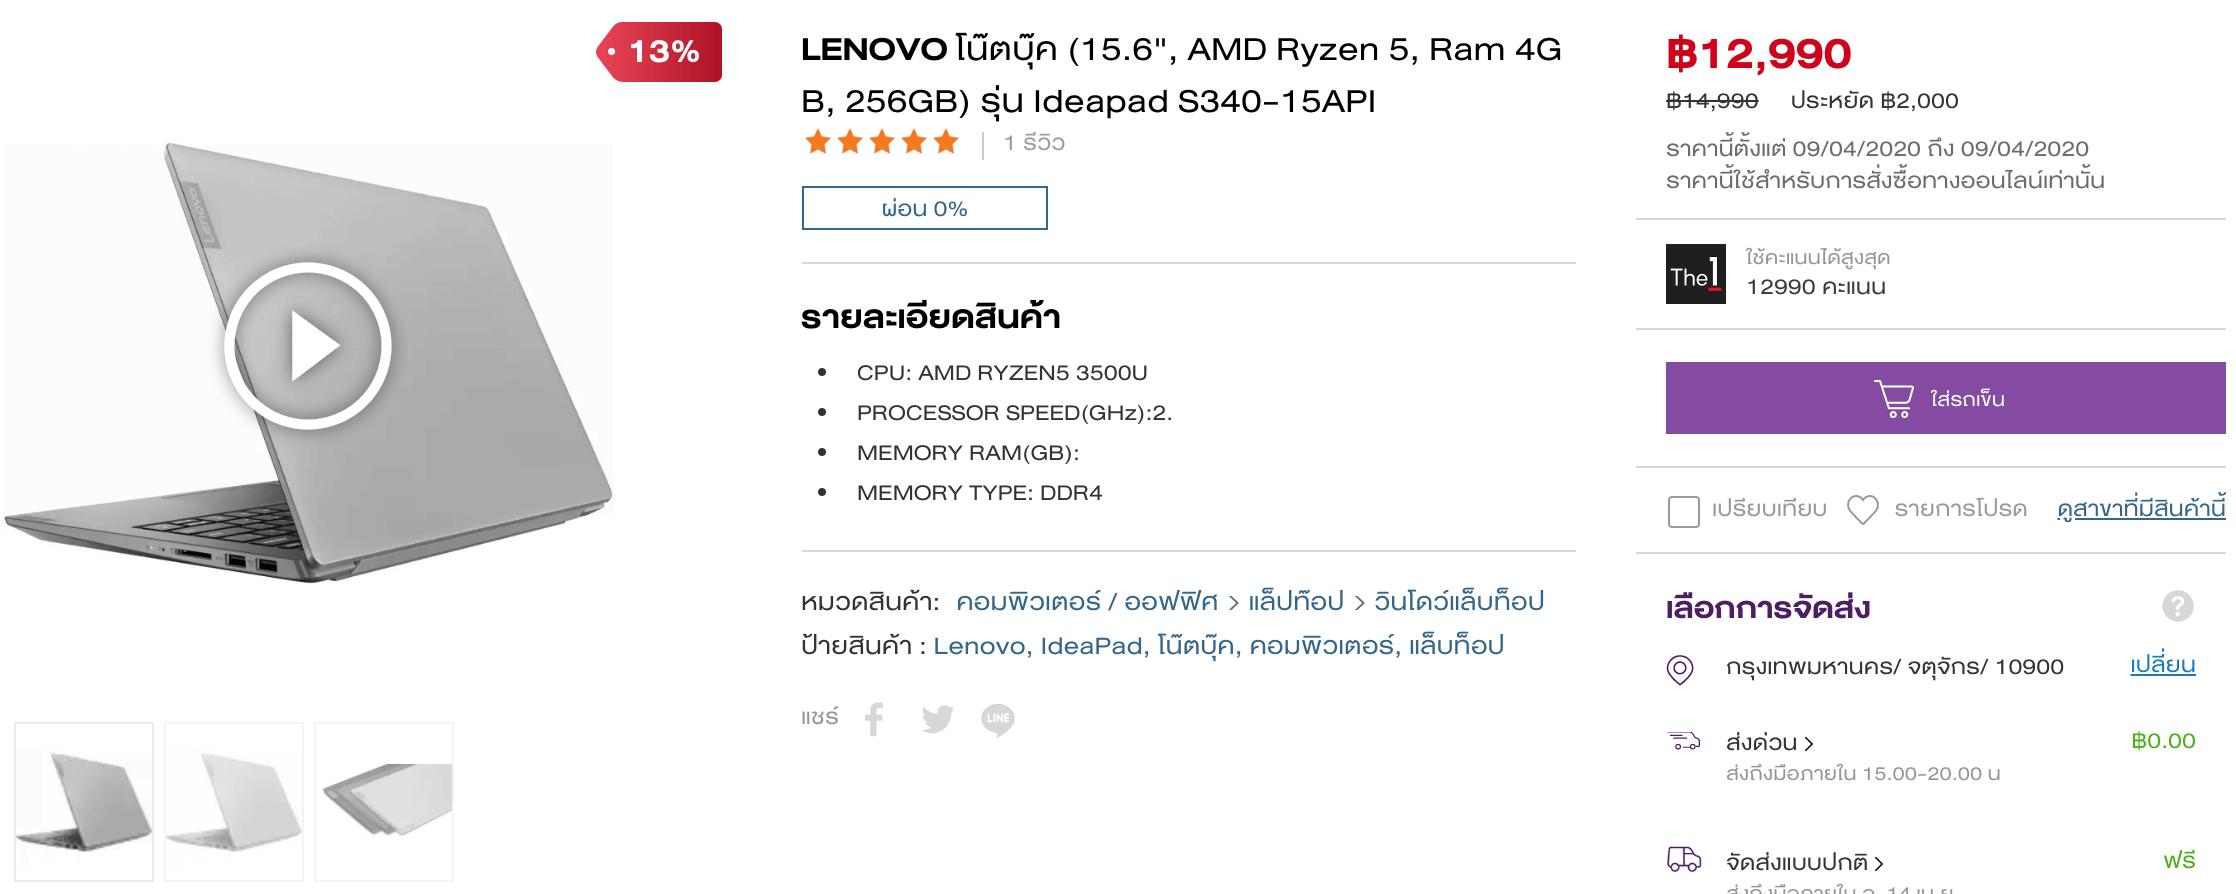 Lenovo Ideapad S340 15API